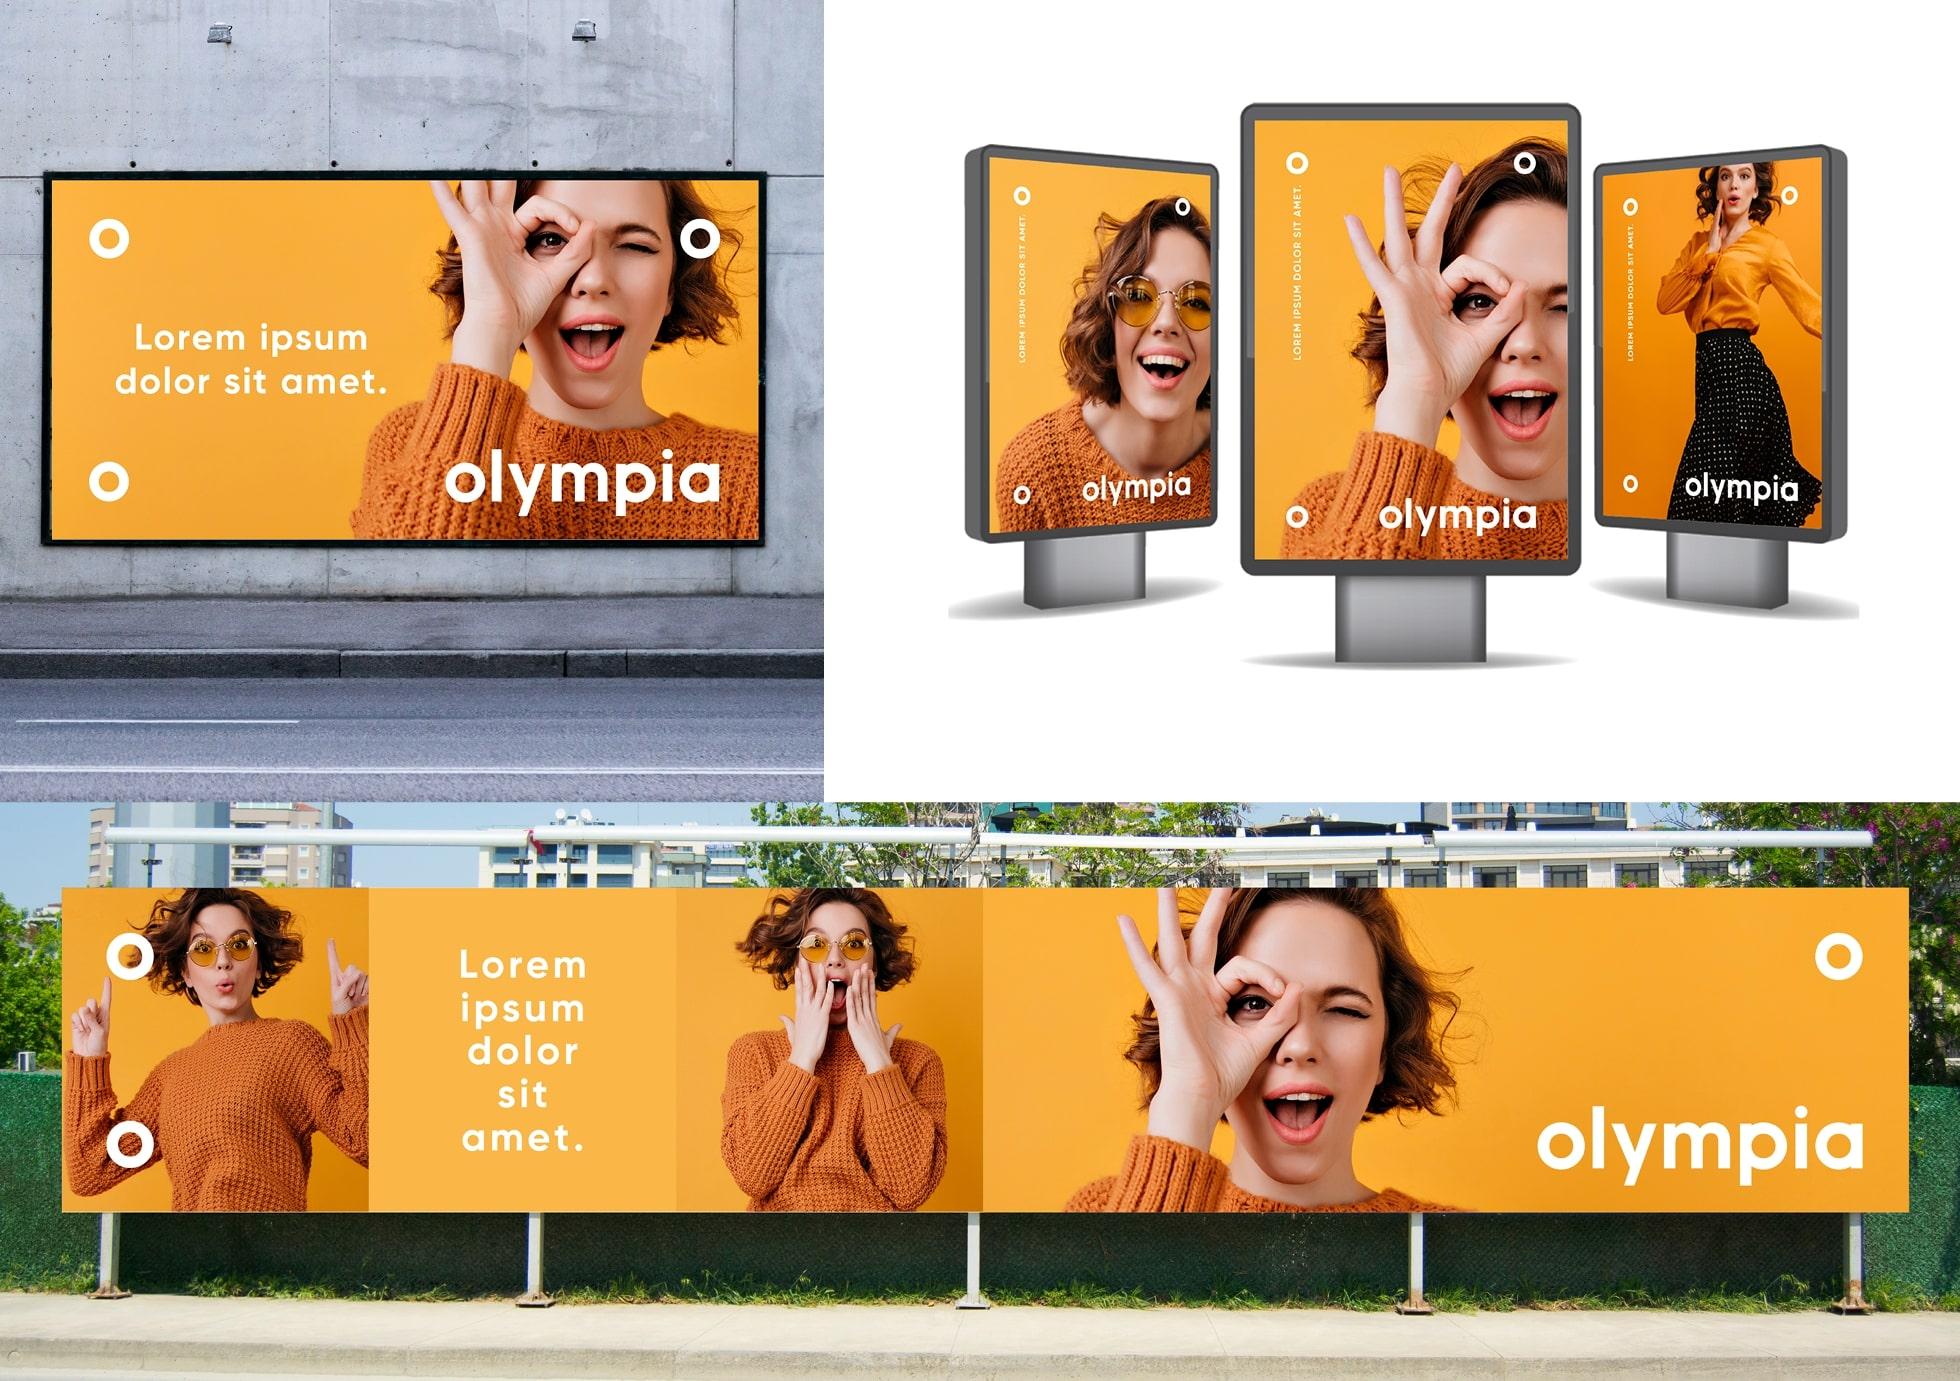 retail_olympia_billboard1